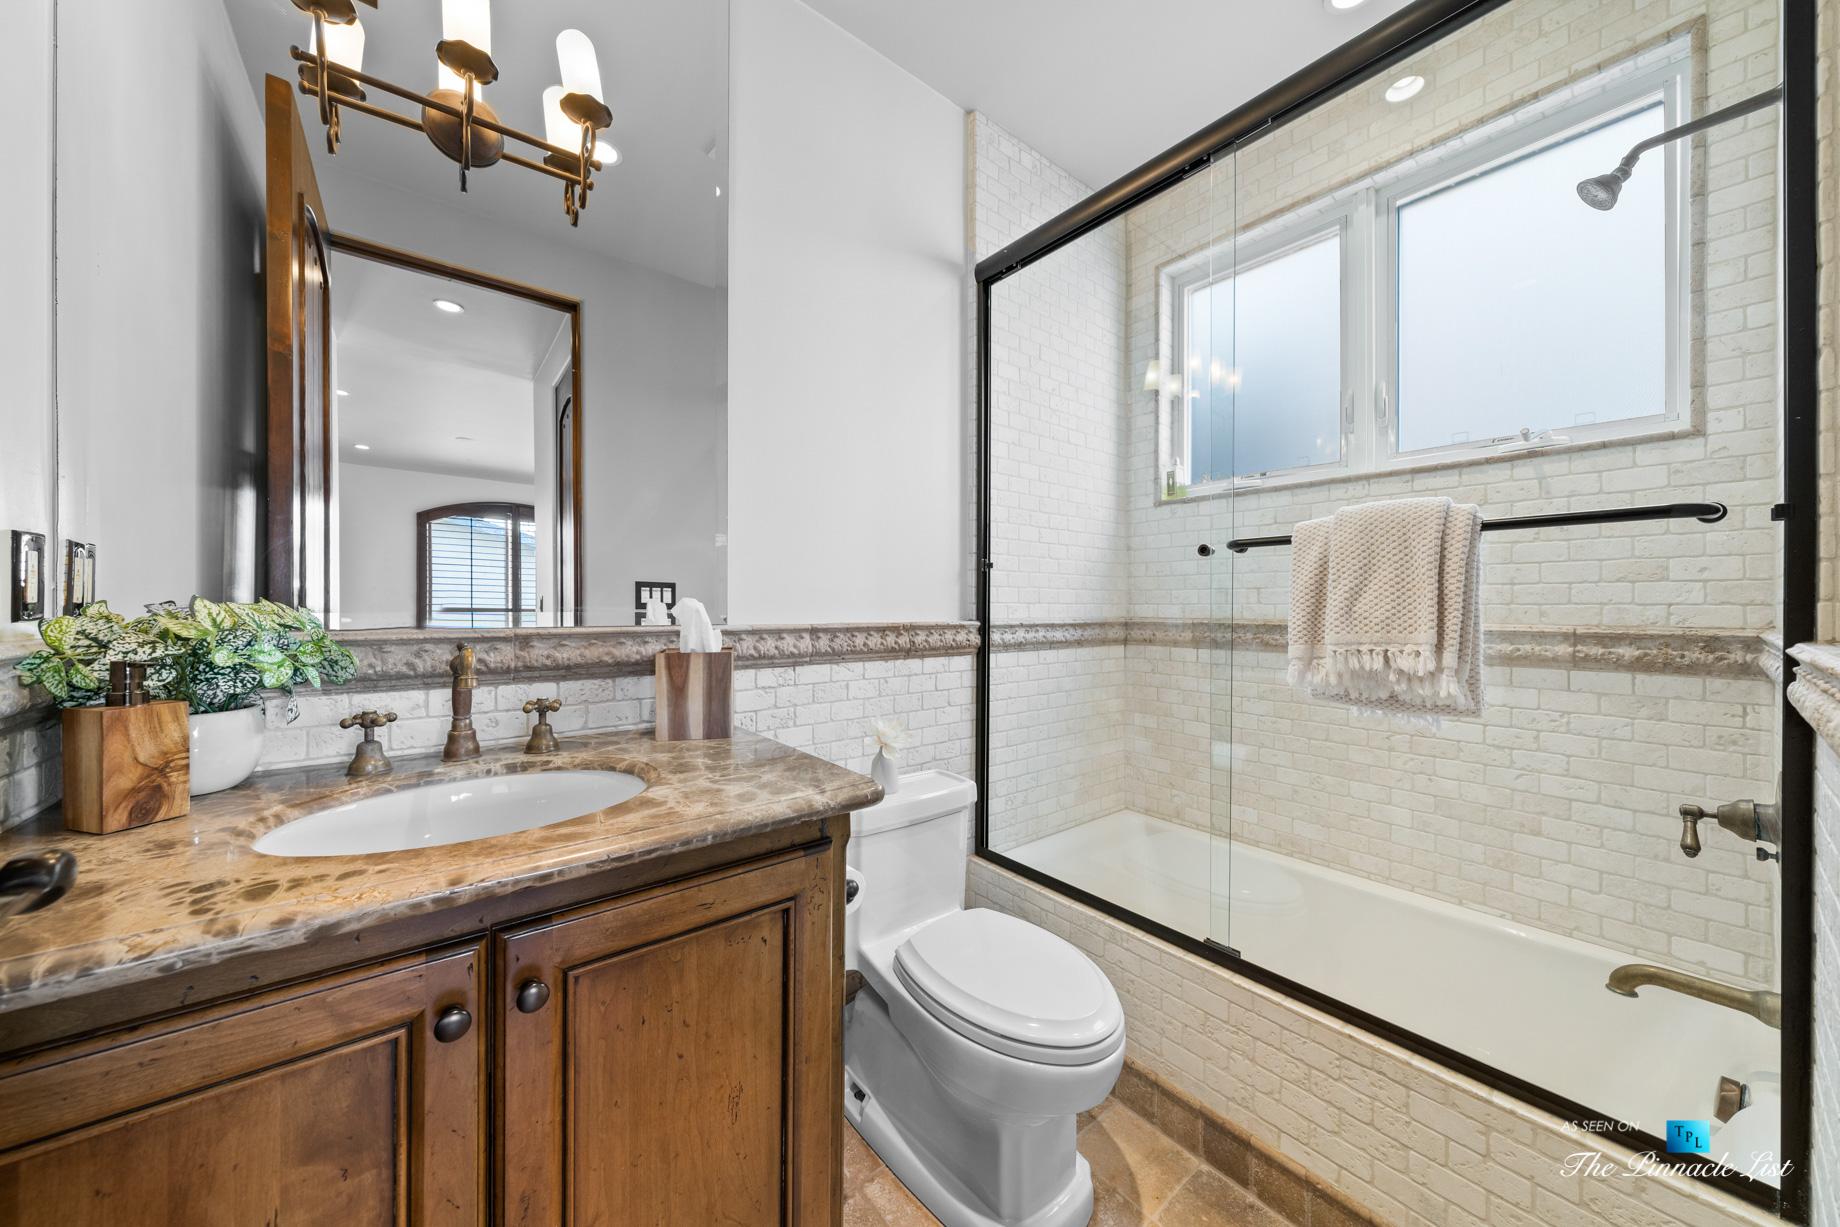 216 7th St, Manhattan Beach, CA, USA – Luxury Real Estate – Coastal Villa Home – Guest Bathroom